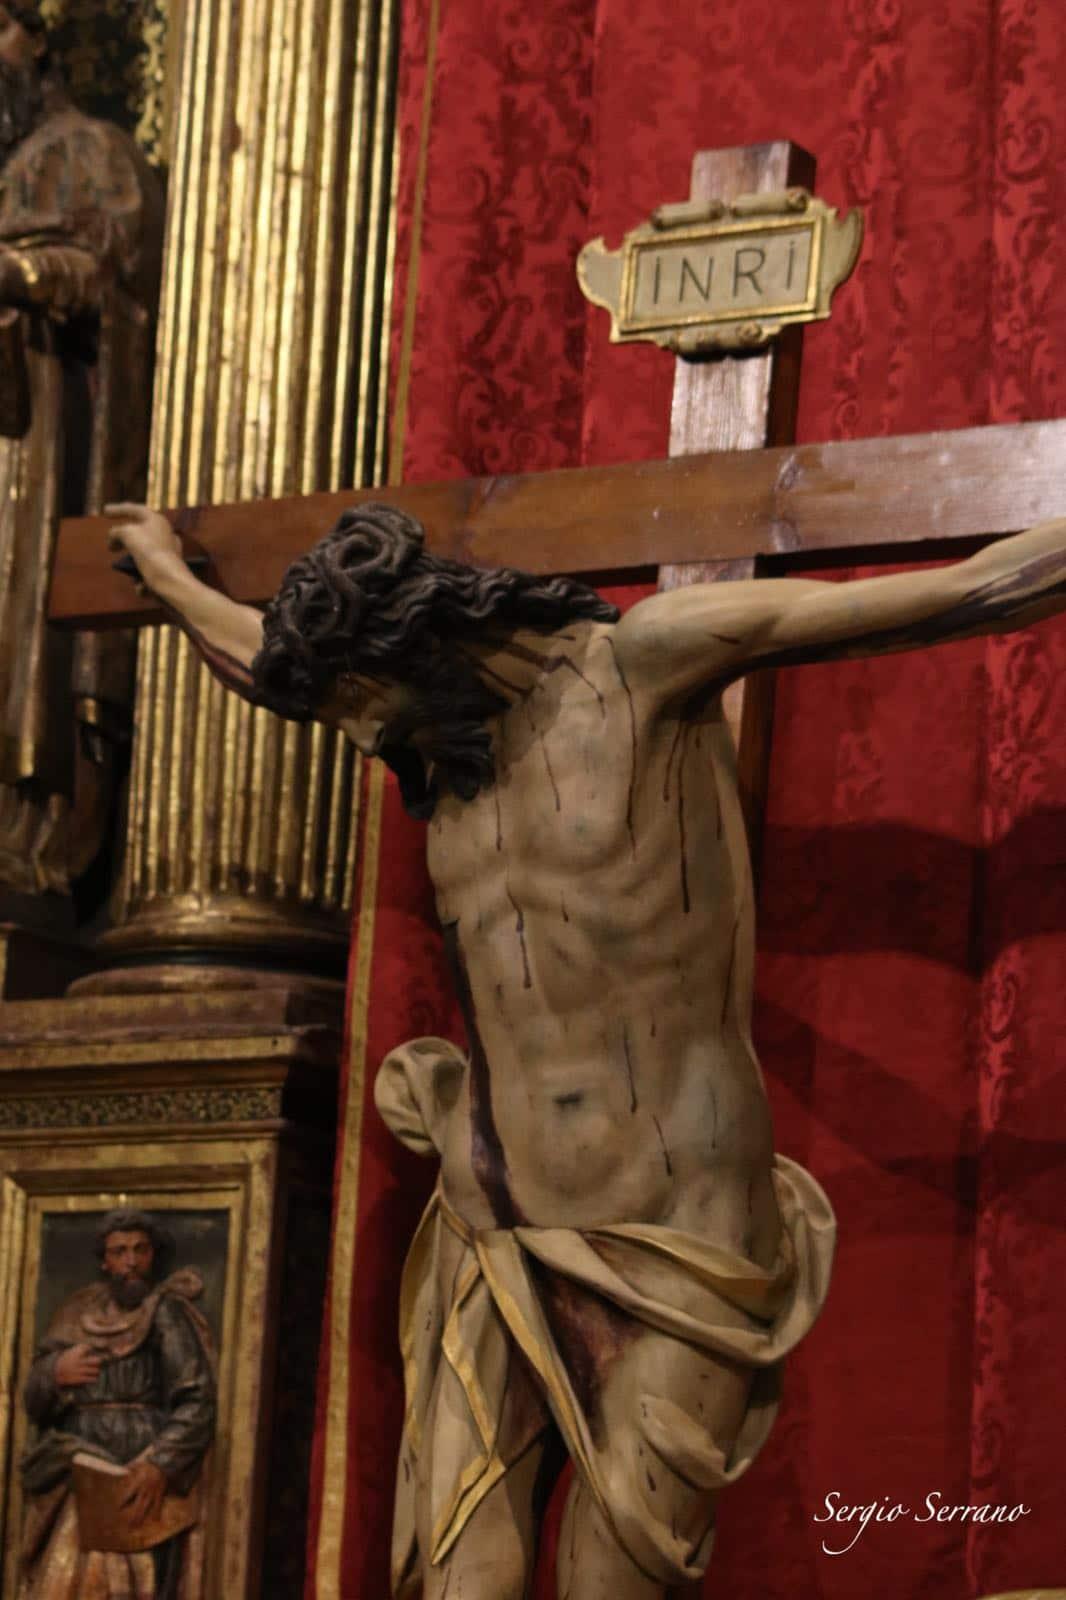 Semana Santa en Valladolid - Procesión de regla de la ilustre cofradía penitencial de nuestra señora de las angustias